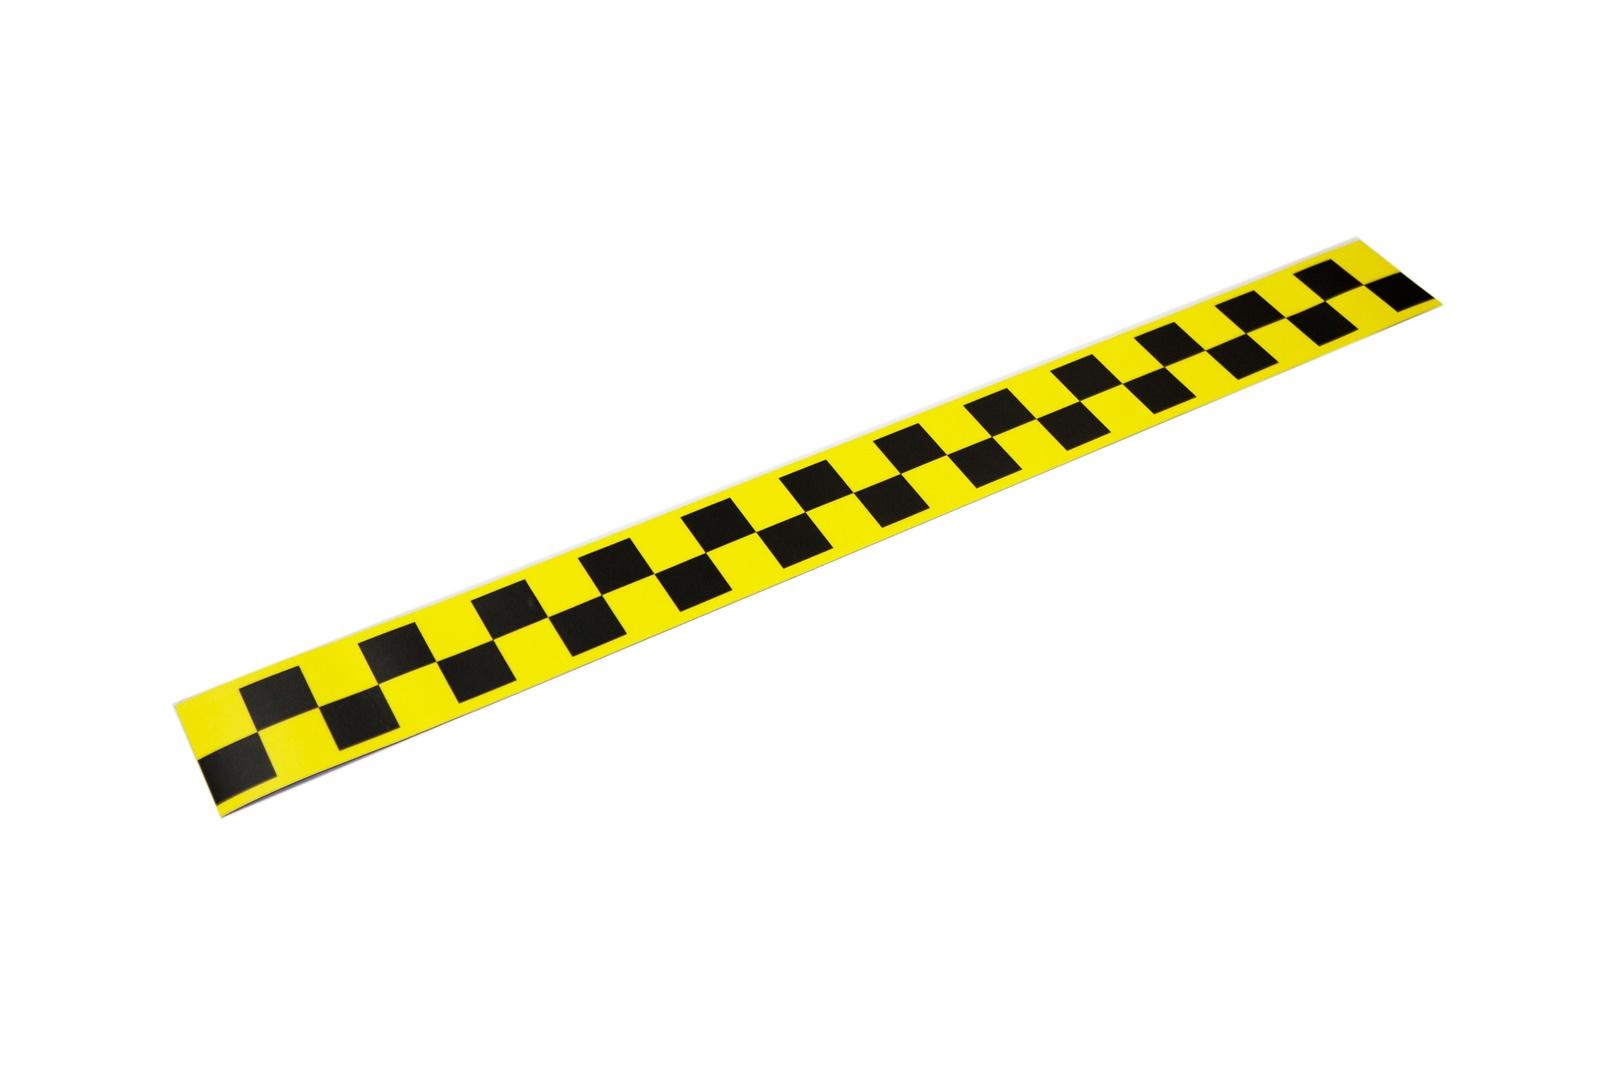 Магнит Простые Предметы такси дляпритяжения клиентов, 600х60, желтый